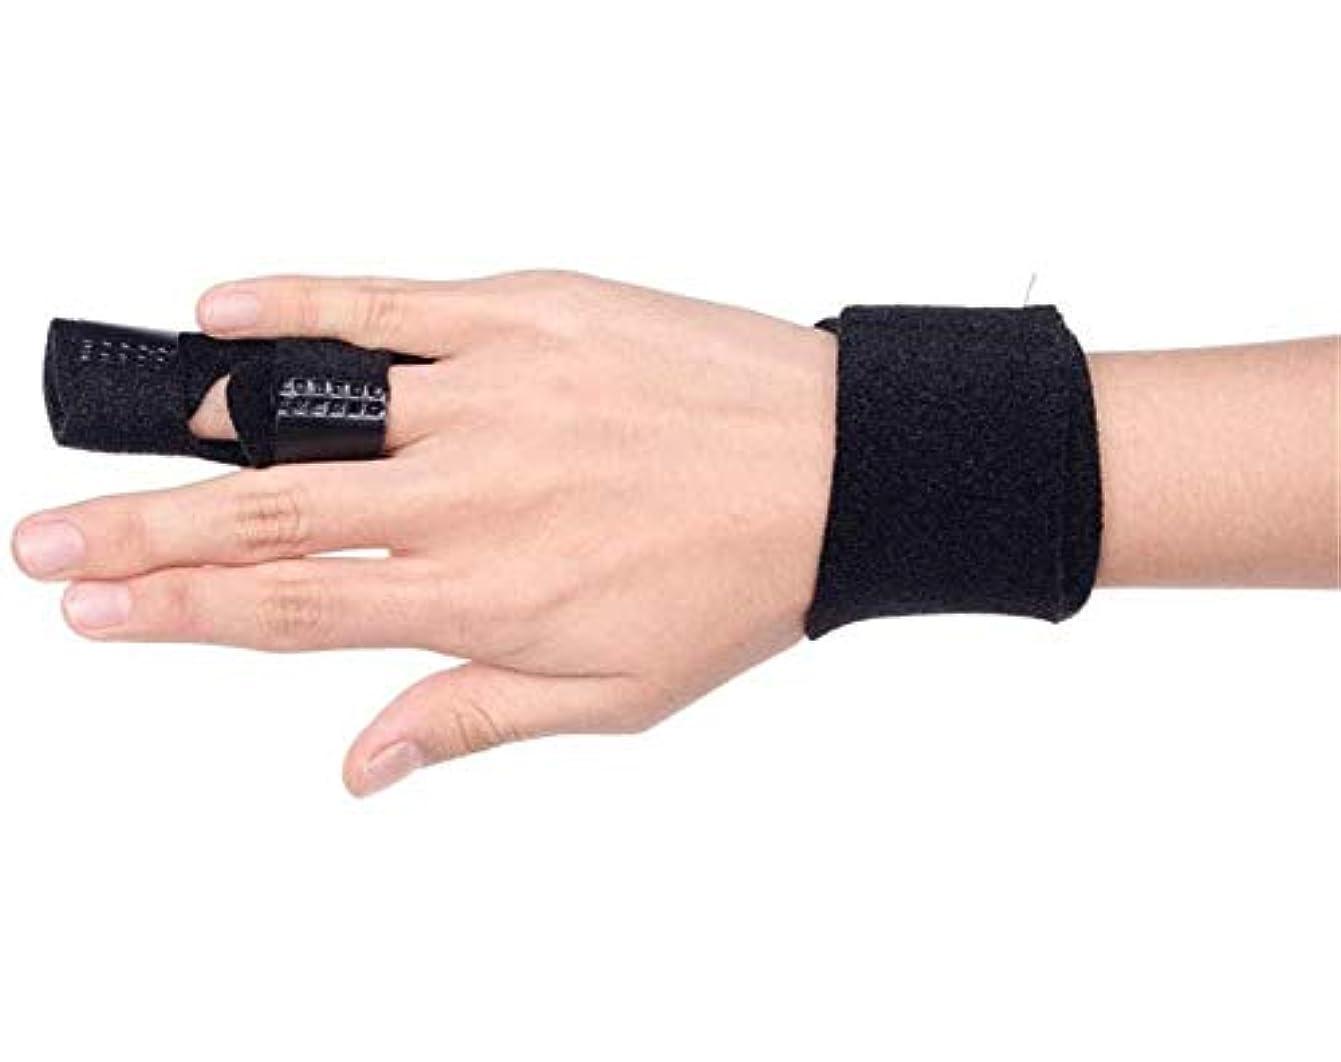 時間とともに練習した符号ベルトリリースや痛みを軽減Fingerboardseparatorを修正アジャスタブル - 中指、薬指、人差し指ブレースのためのスプリント-Fingerインソールフィンガースプリントを指